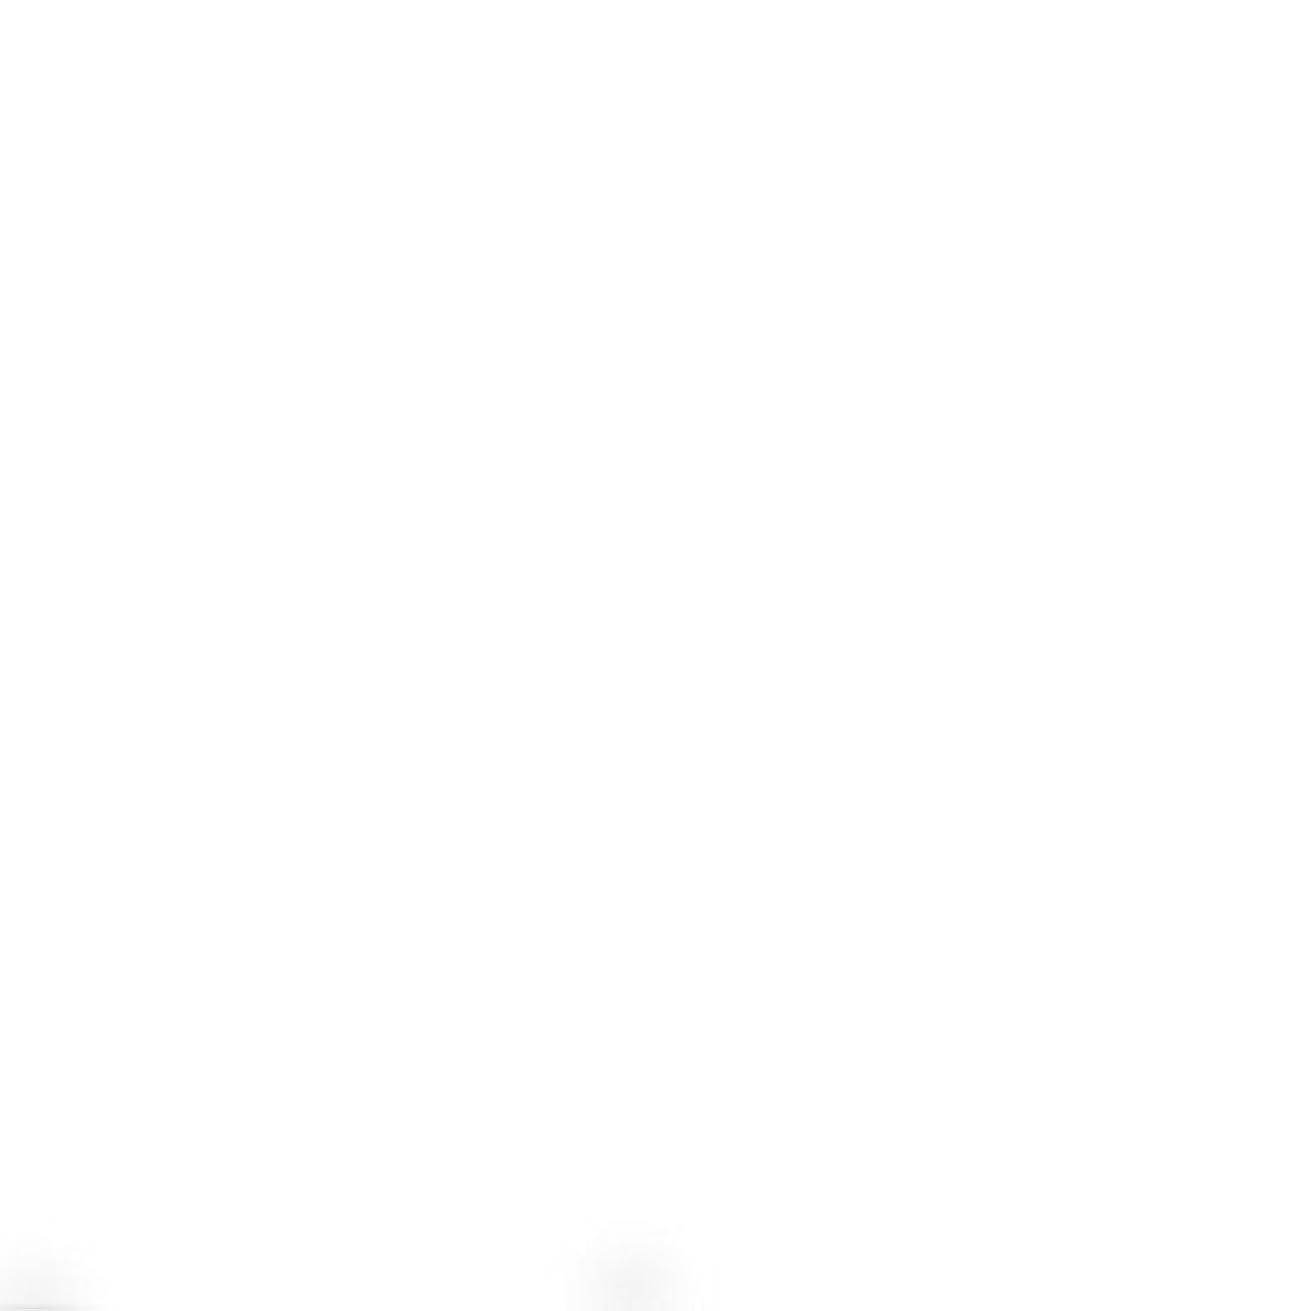 イチゴ米ドル大惨事Neutrogena ニュートロジーナ ウェットスキン キッズ 日焼け止めセット (チューブタイプ) [並行輸入品]